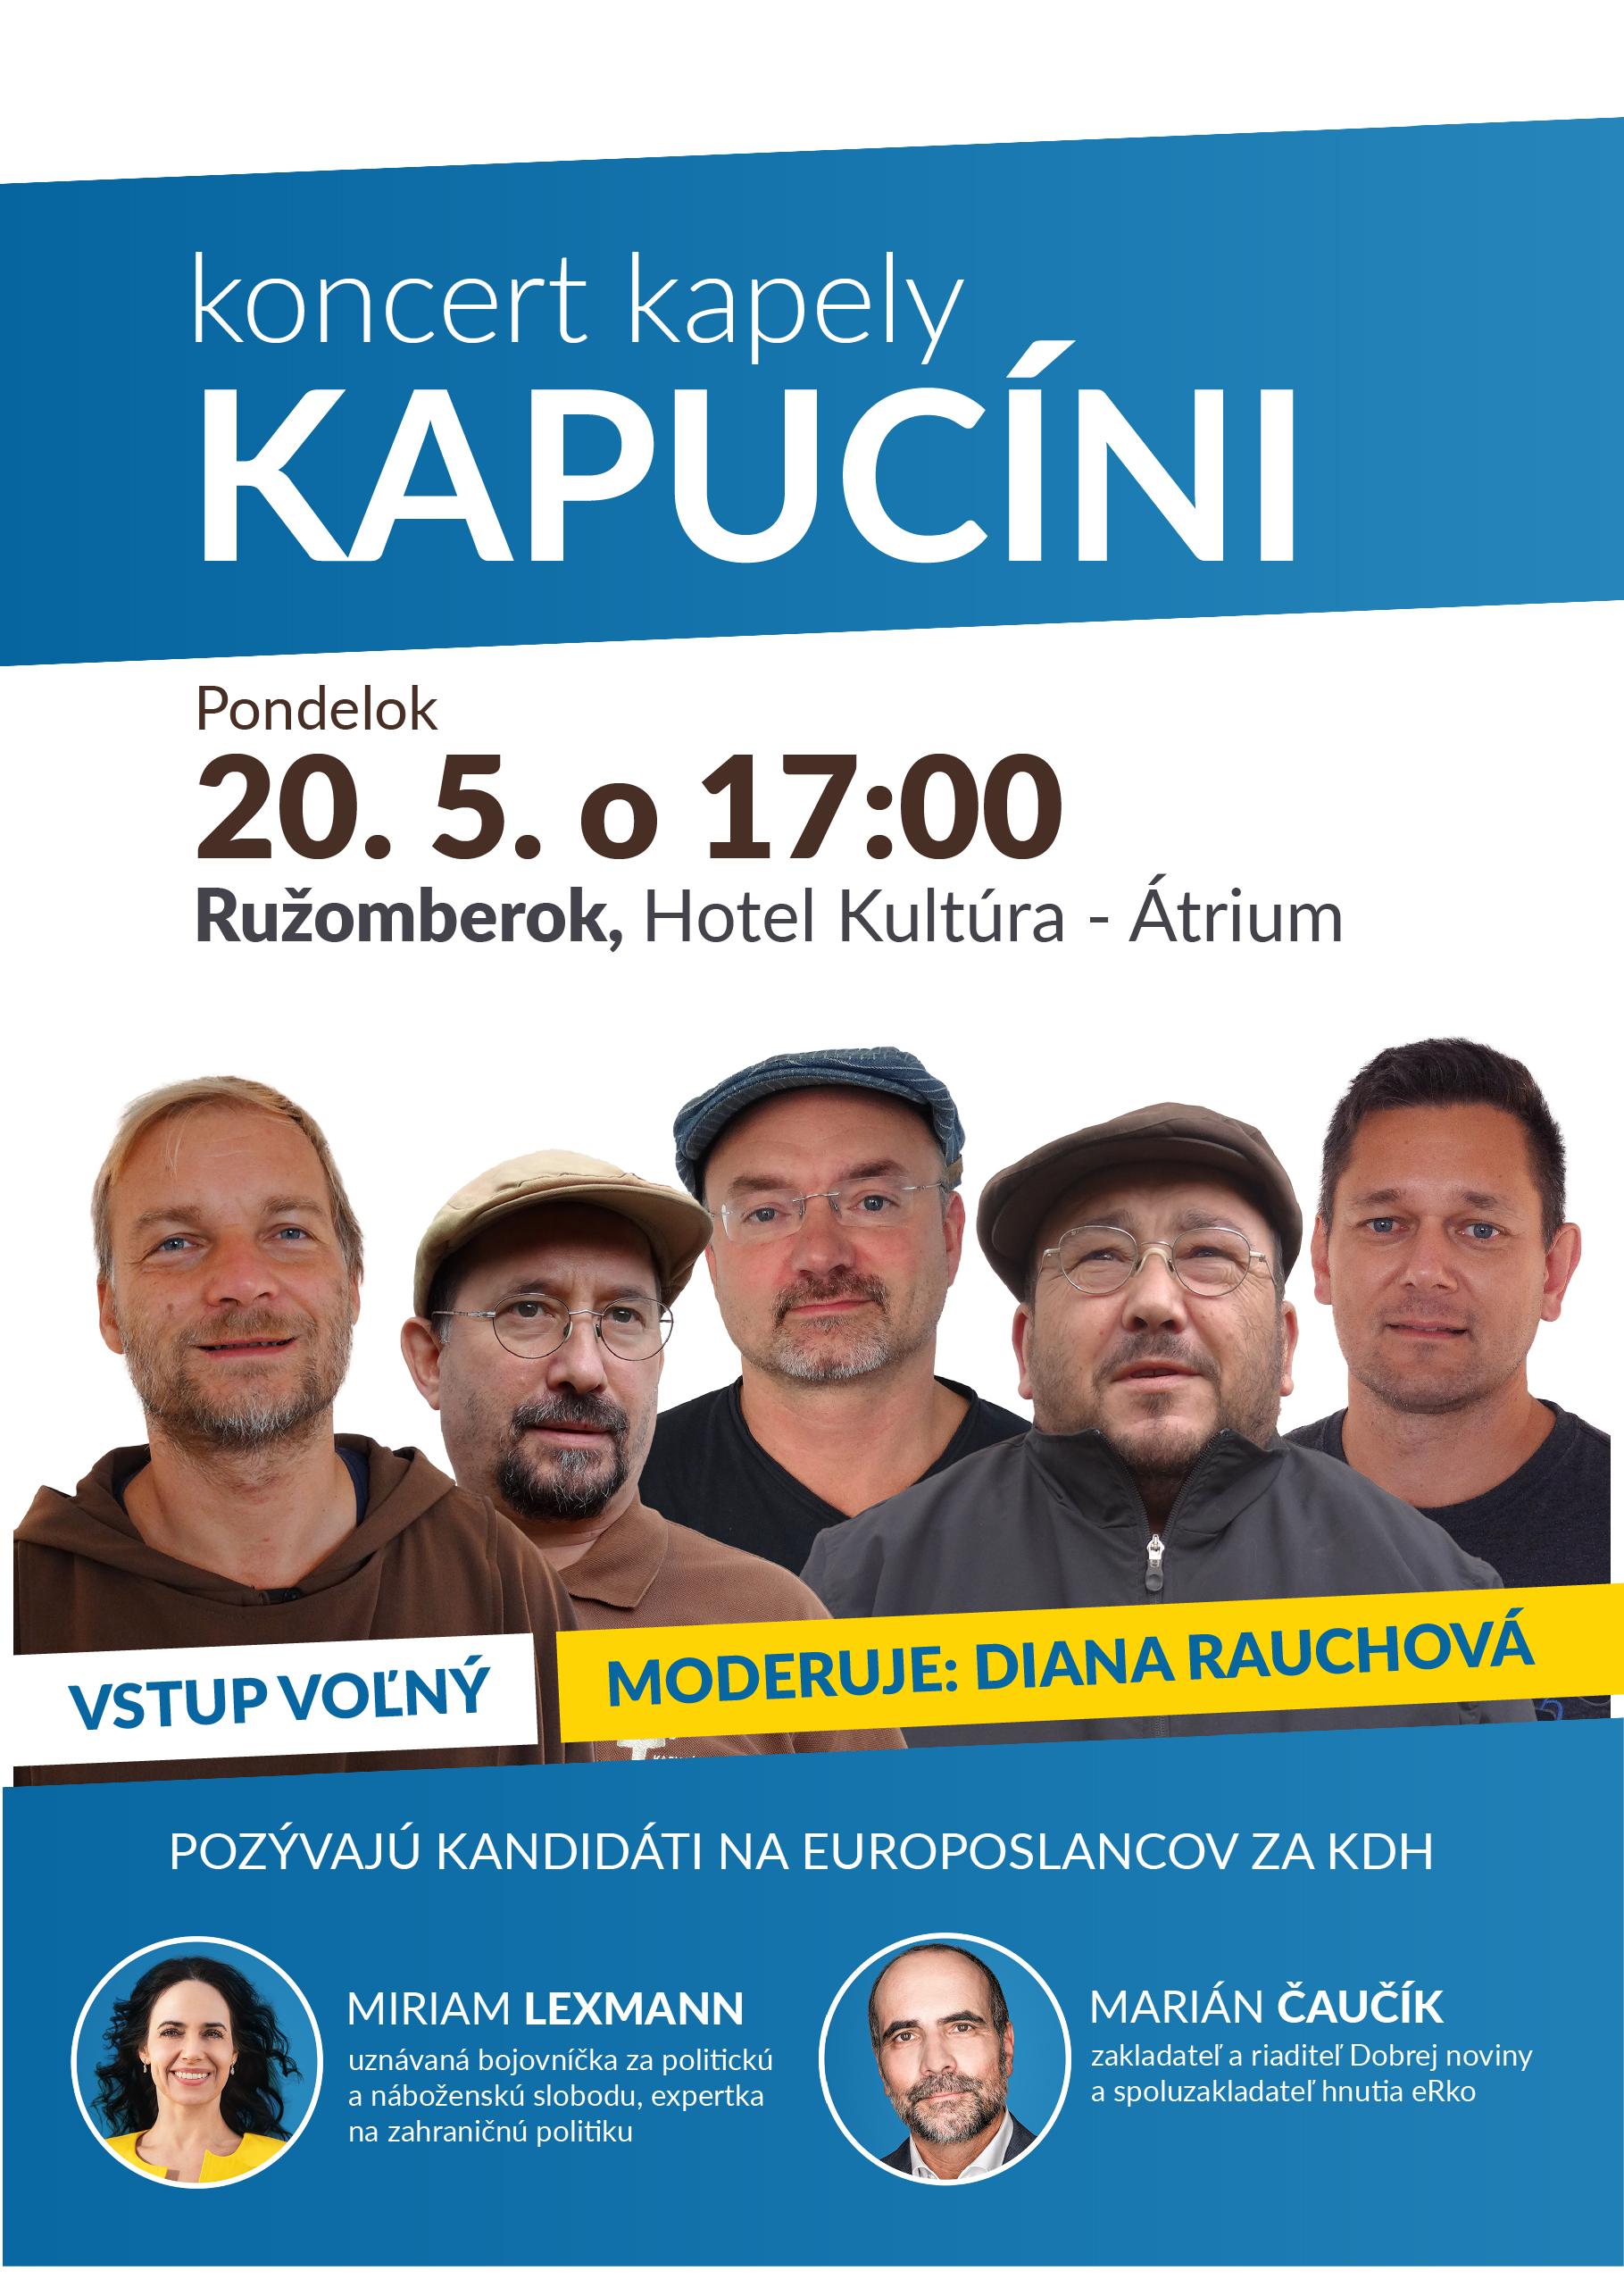 Príďte na koncert Kapucínov v Ružomberku